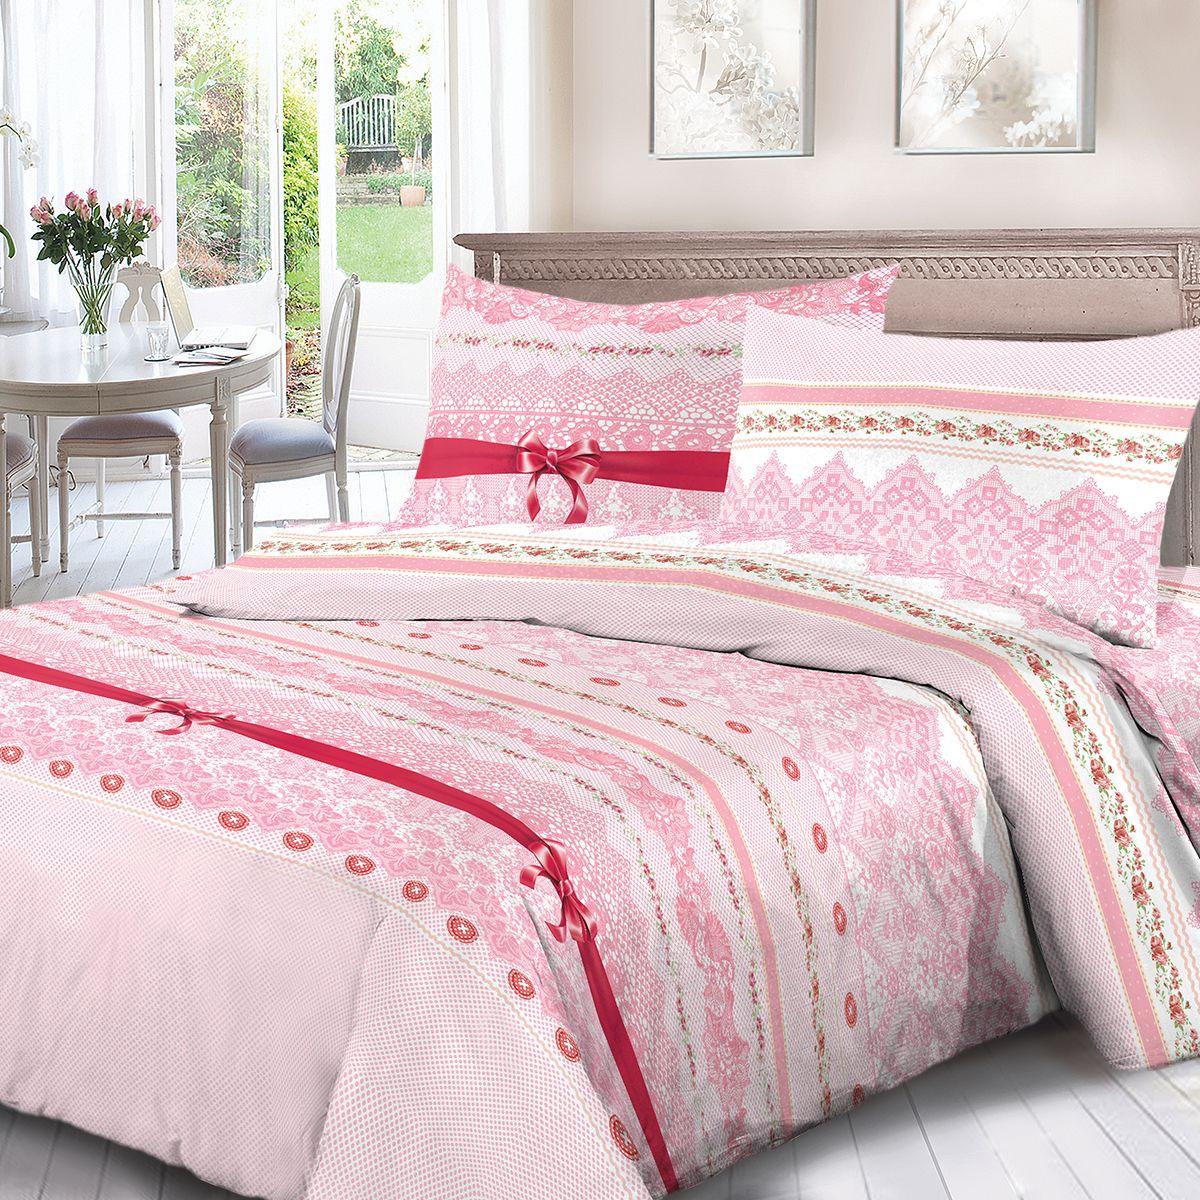 Комплект белья Для Снов Бал, 2-спальный, наволочки 70x70, цвет: розовый. 4062-187852Постельное белье Для Снов, выполненное из высококачественного поплина (ткань Традиция), в составе которого находится только 100% мерсеризованный хлопок - это идеальный выбор современной женщины.Преимущества: - Ткань прочнее обычной, при этом мягкая и шелковистая; - Цвета яркие и устойчивые; - Высокая гигроскопичность; - Меньше мнется, не линяет и не садится при многократных стирках; При производстве используются только безопасные красители ведущего швейцарского производителя BEZEMA. Восхитительная упаковка придает комплекту подарочный вид.В комплекте:пододеяльник (175 х 215 см),2 наволочки (70х70 см),простыня (220 х 215 см).Советы по выбору постельного белья от блогера Ирины Соковых. Статья OZON Гид